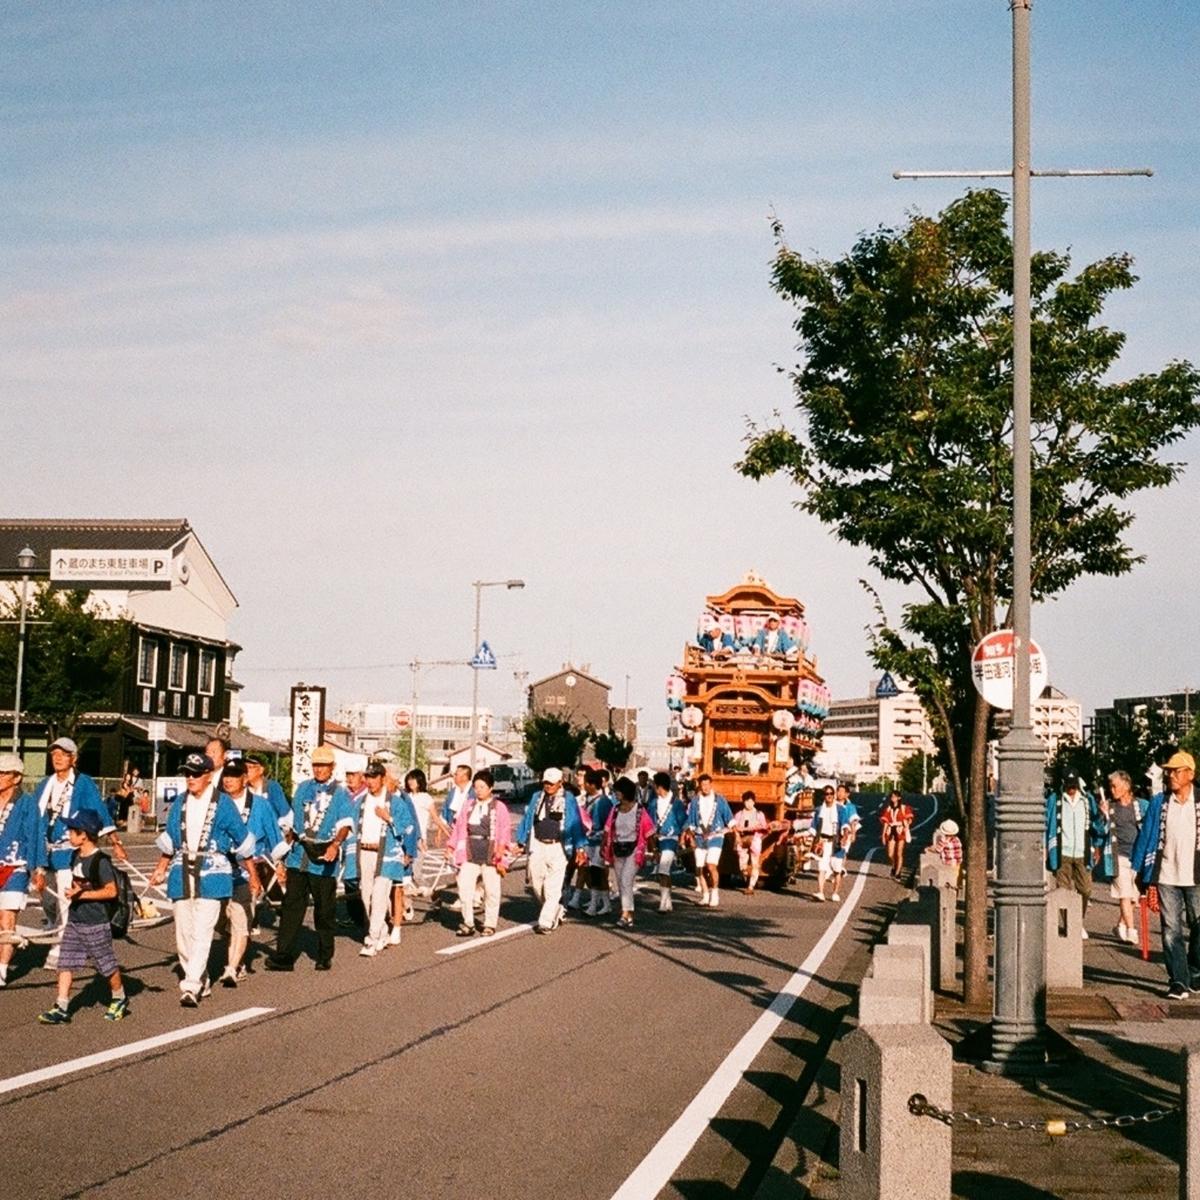 伝統的な祭りを守り続けるイメージ